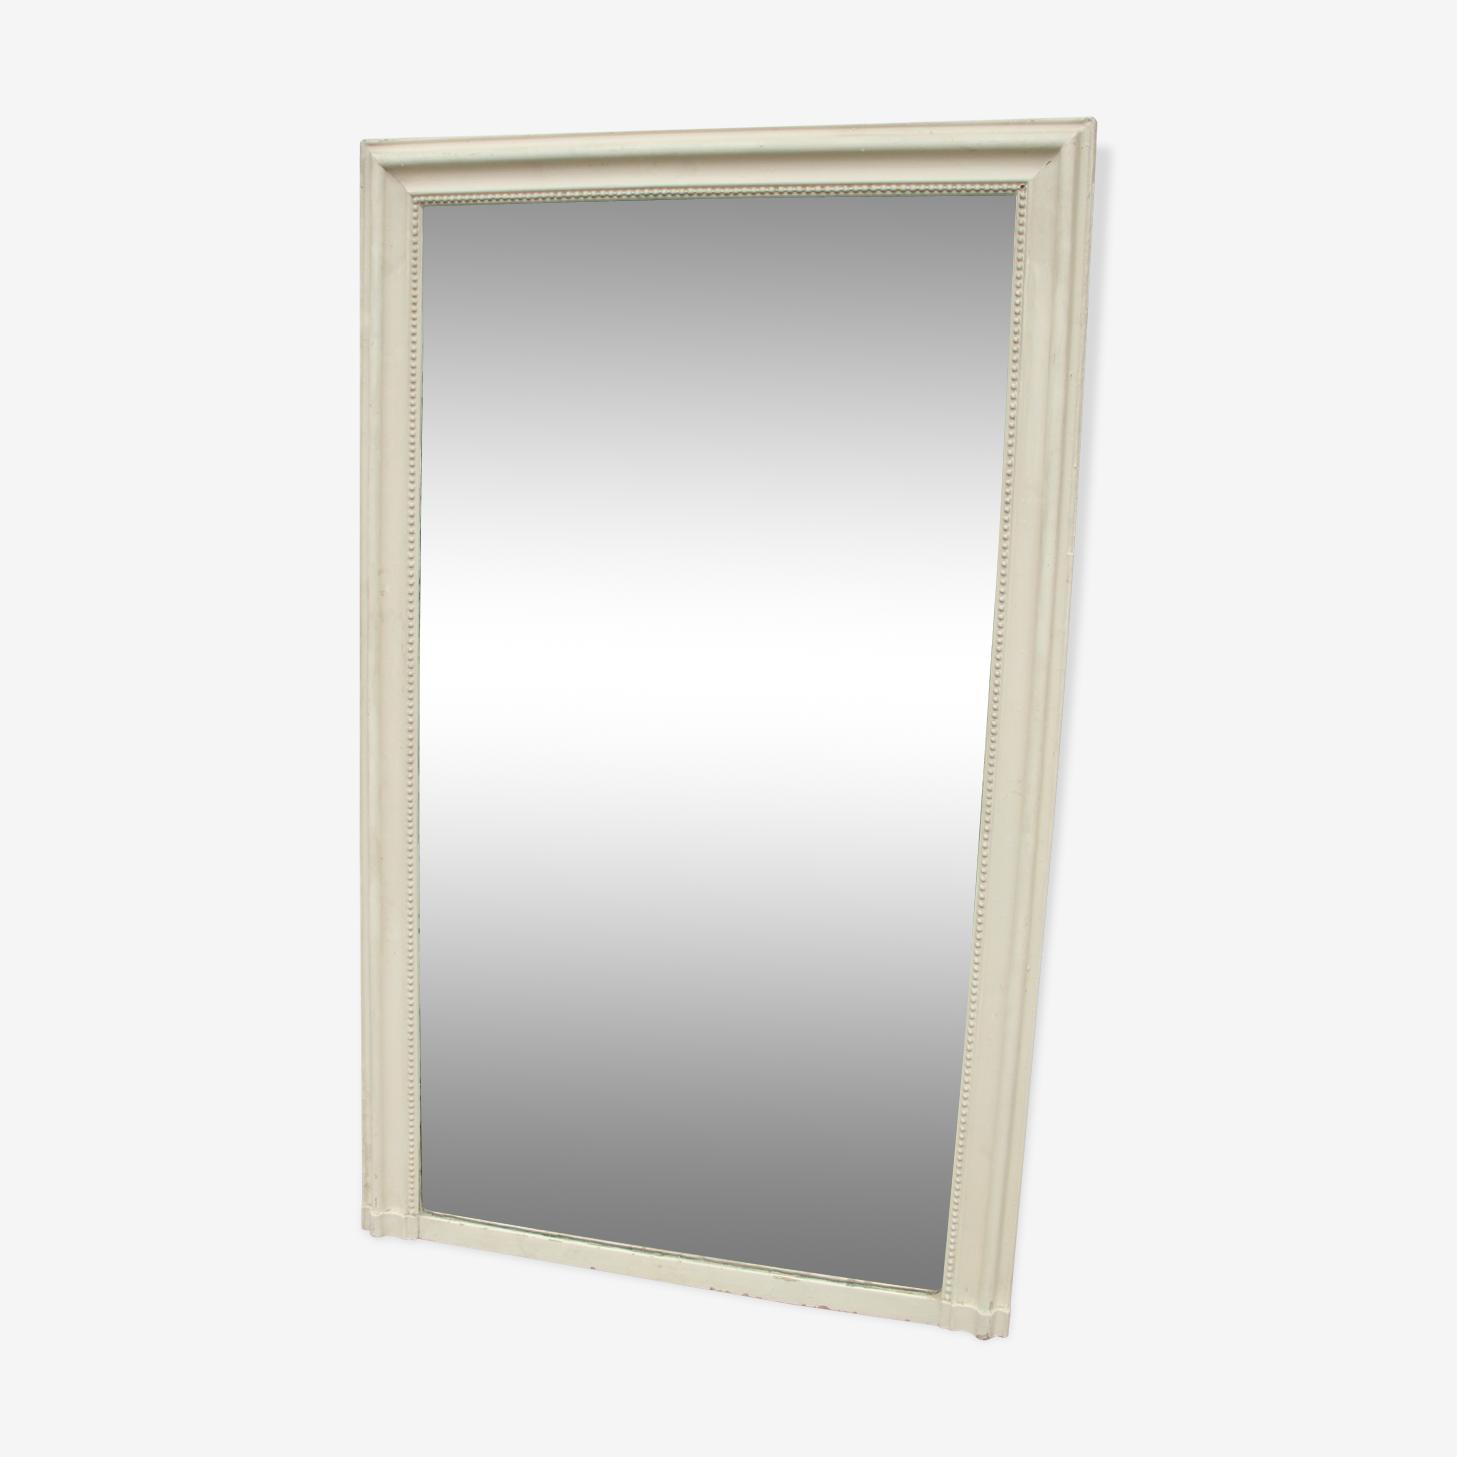 Miroir classique en bois patiné 1900 taille 162x98cm